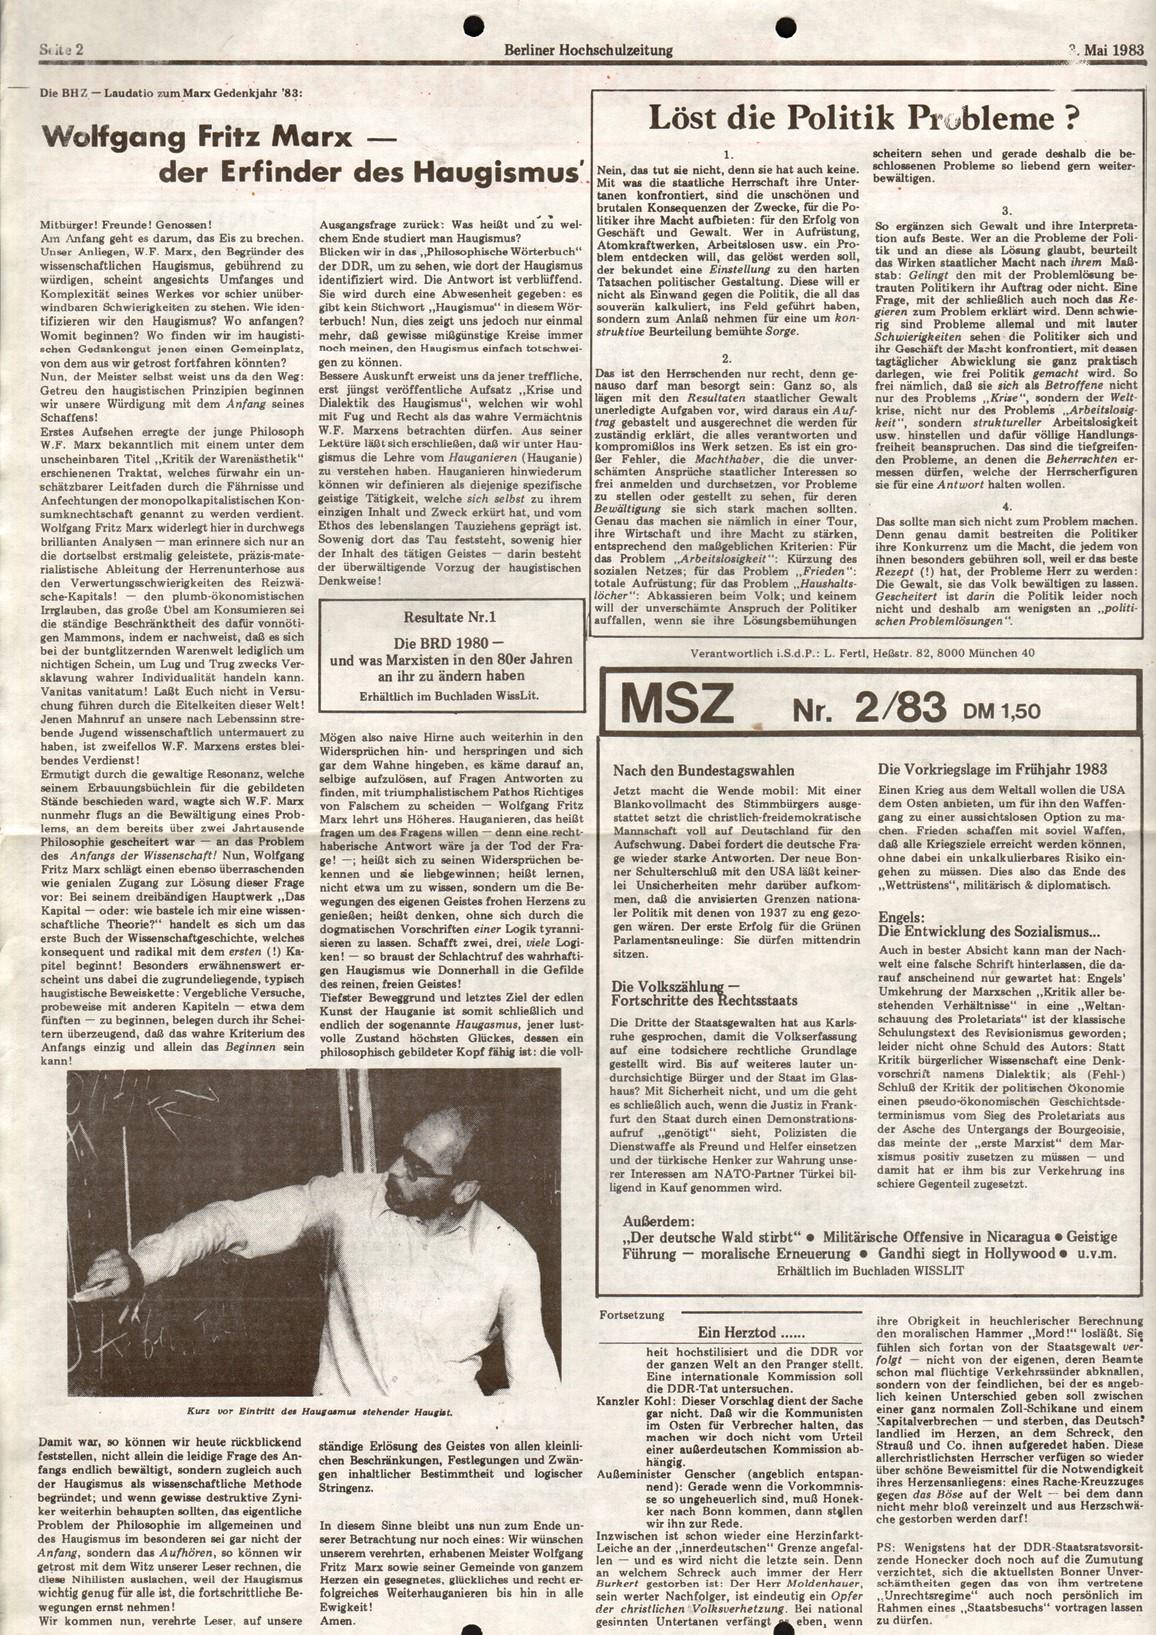 Berlin_MG_Hochschulzeitung_19830503_02